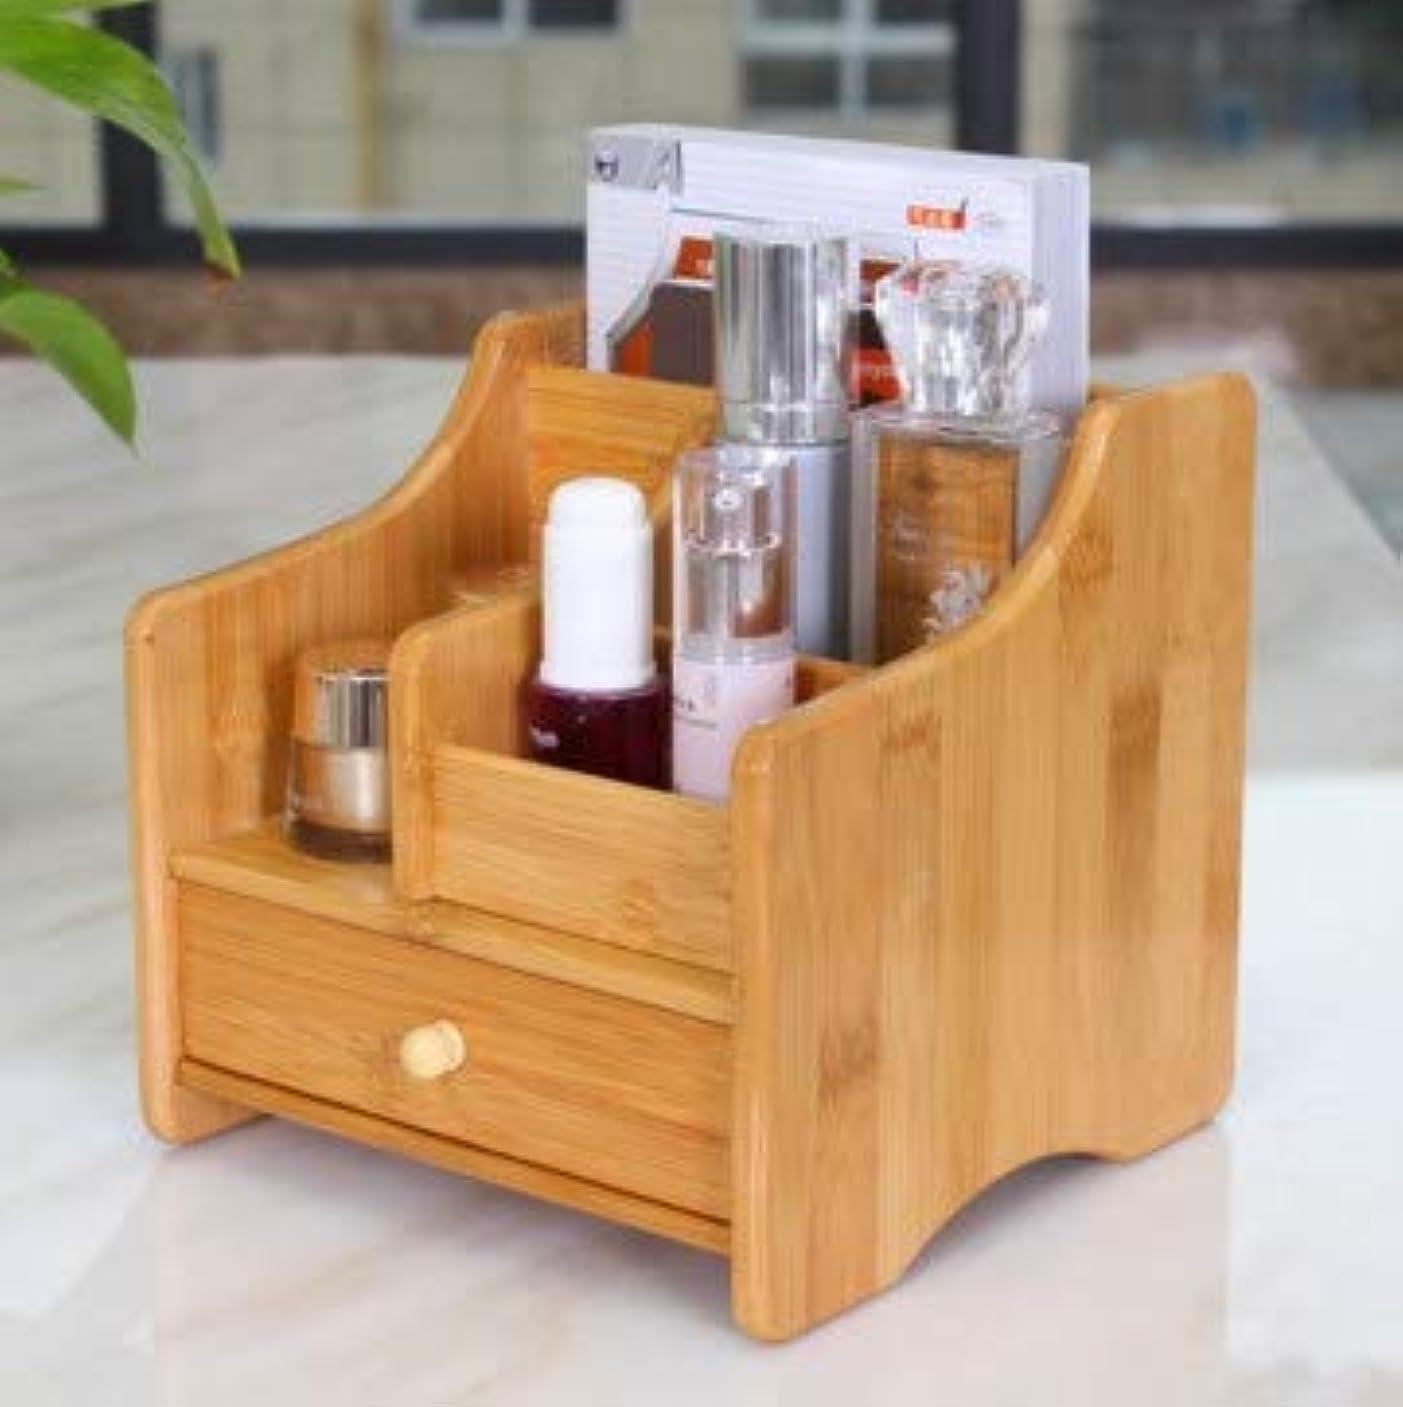 私たちの蚊なめらか竹デスクトップリモコン収納ボックスデスクトップ化粧品文房具竹棚化粧品収納ボックス